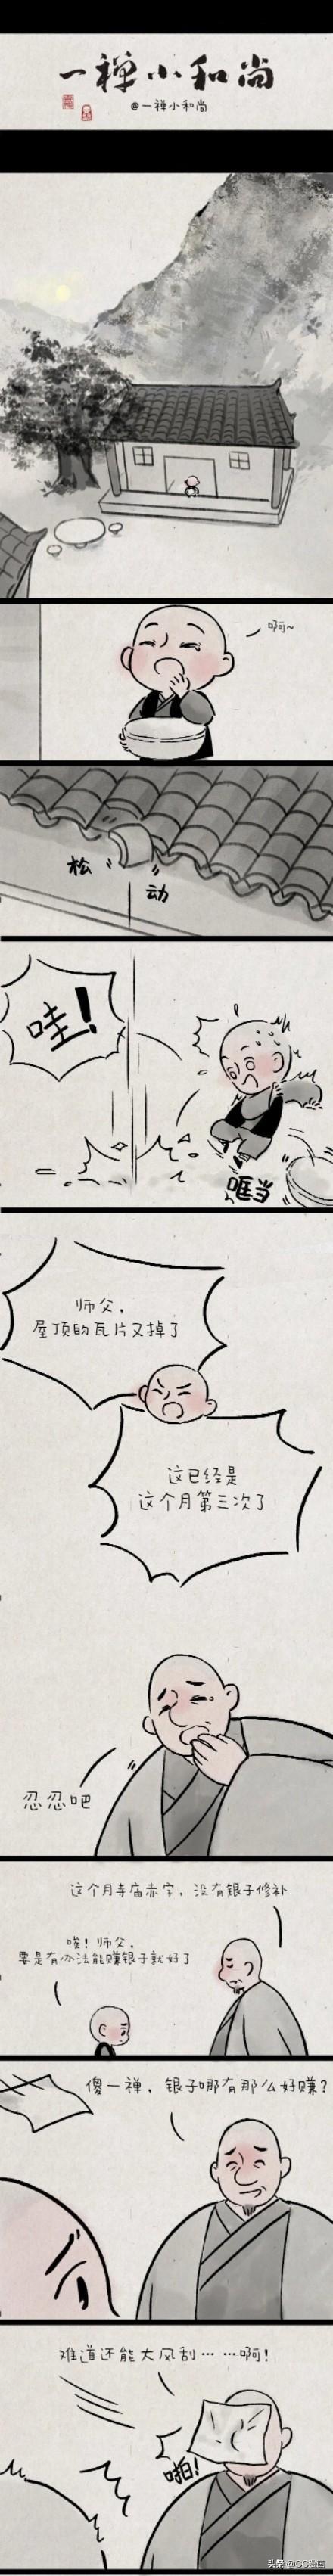 一禅小和尚22话漫画,一禅小和尚